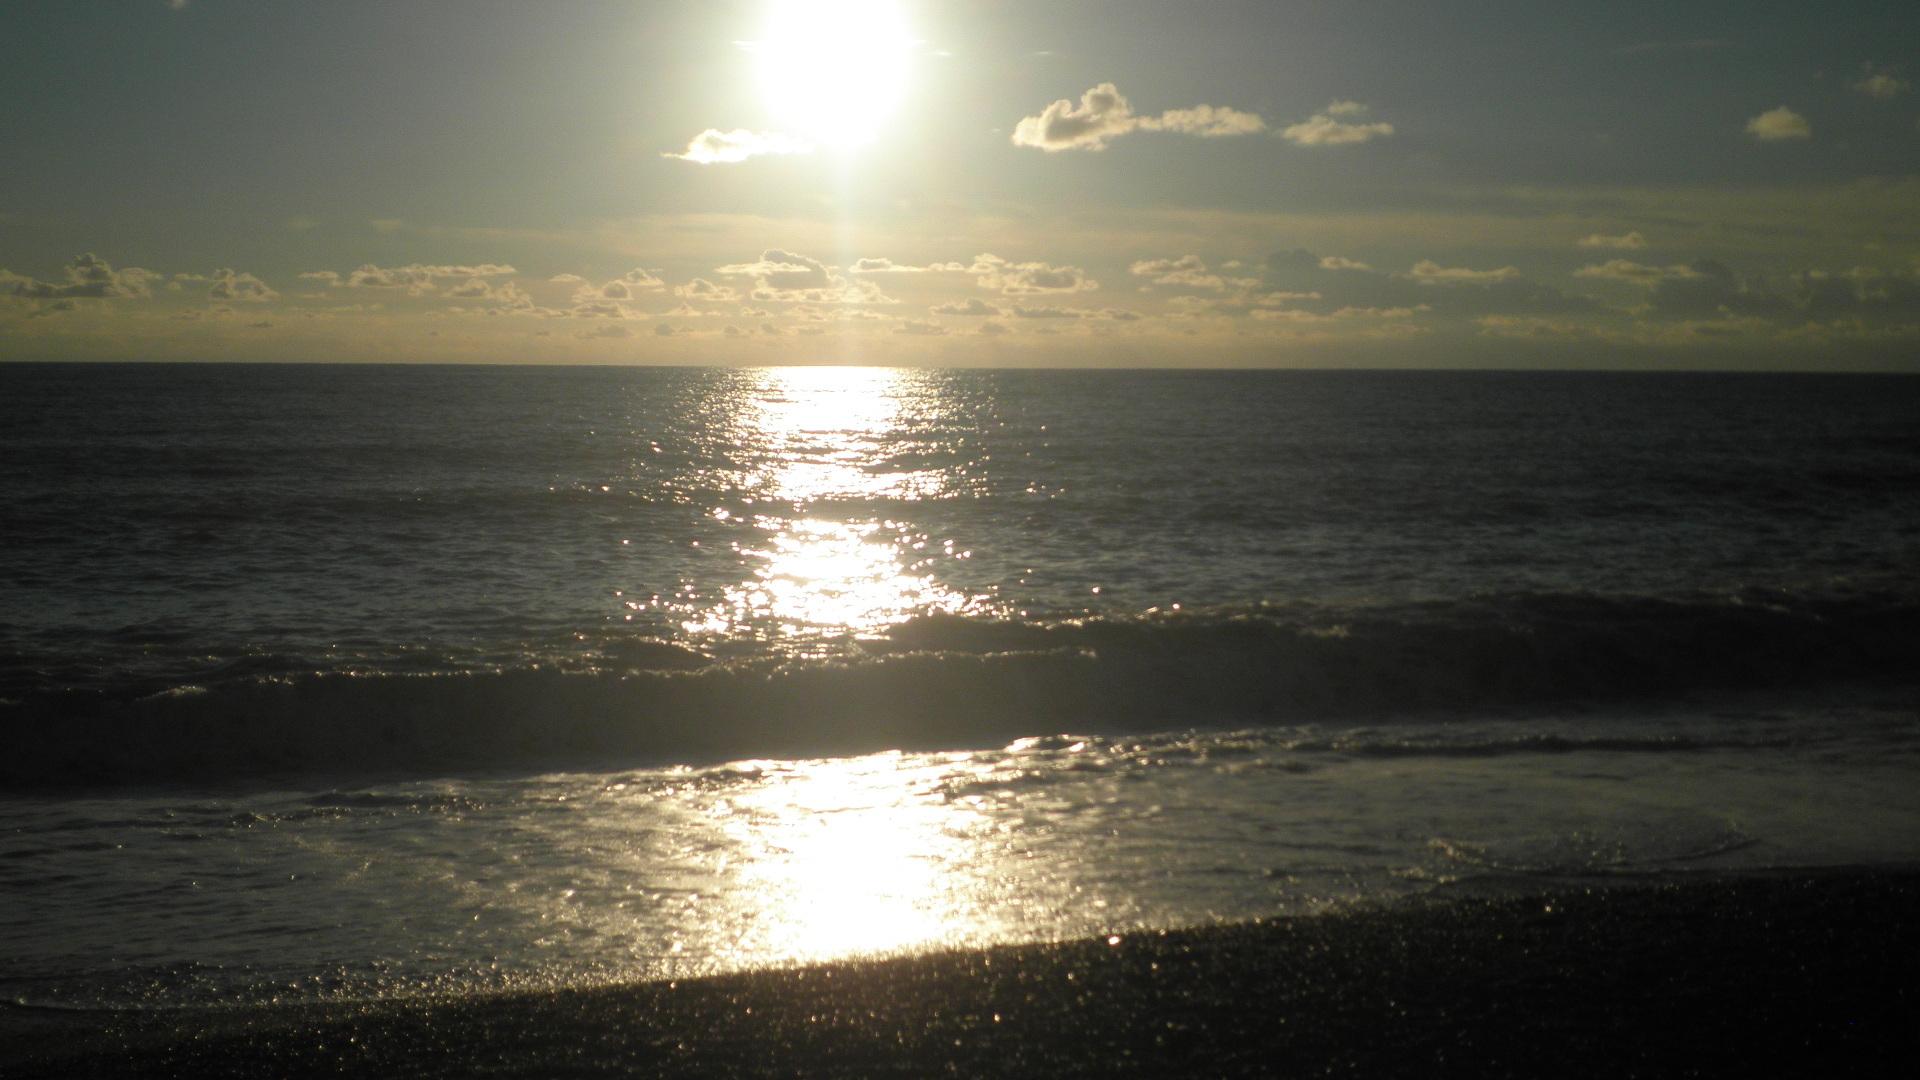 17307 скачать обои Пейзаж, Закат, Море, Пляж - заставки и картинки бесплатно